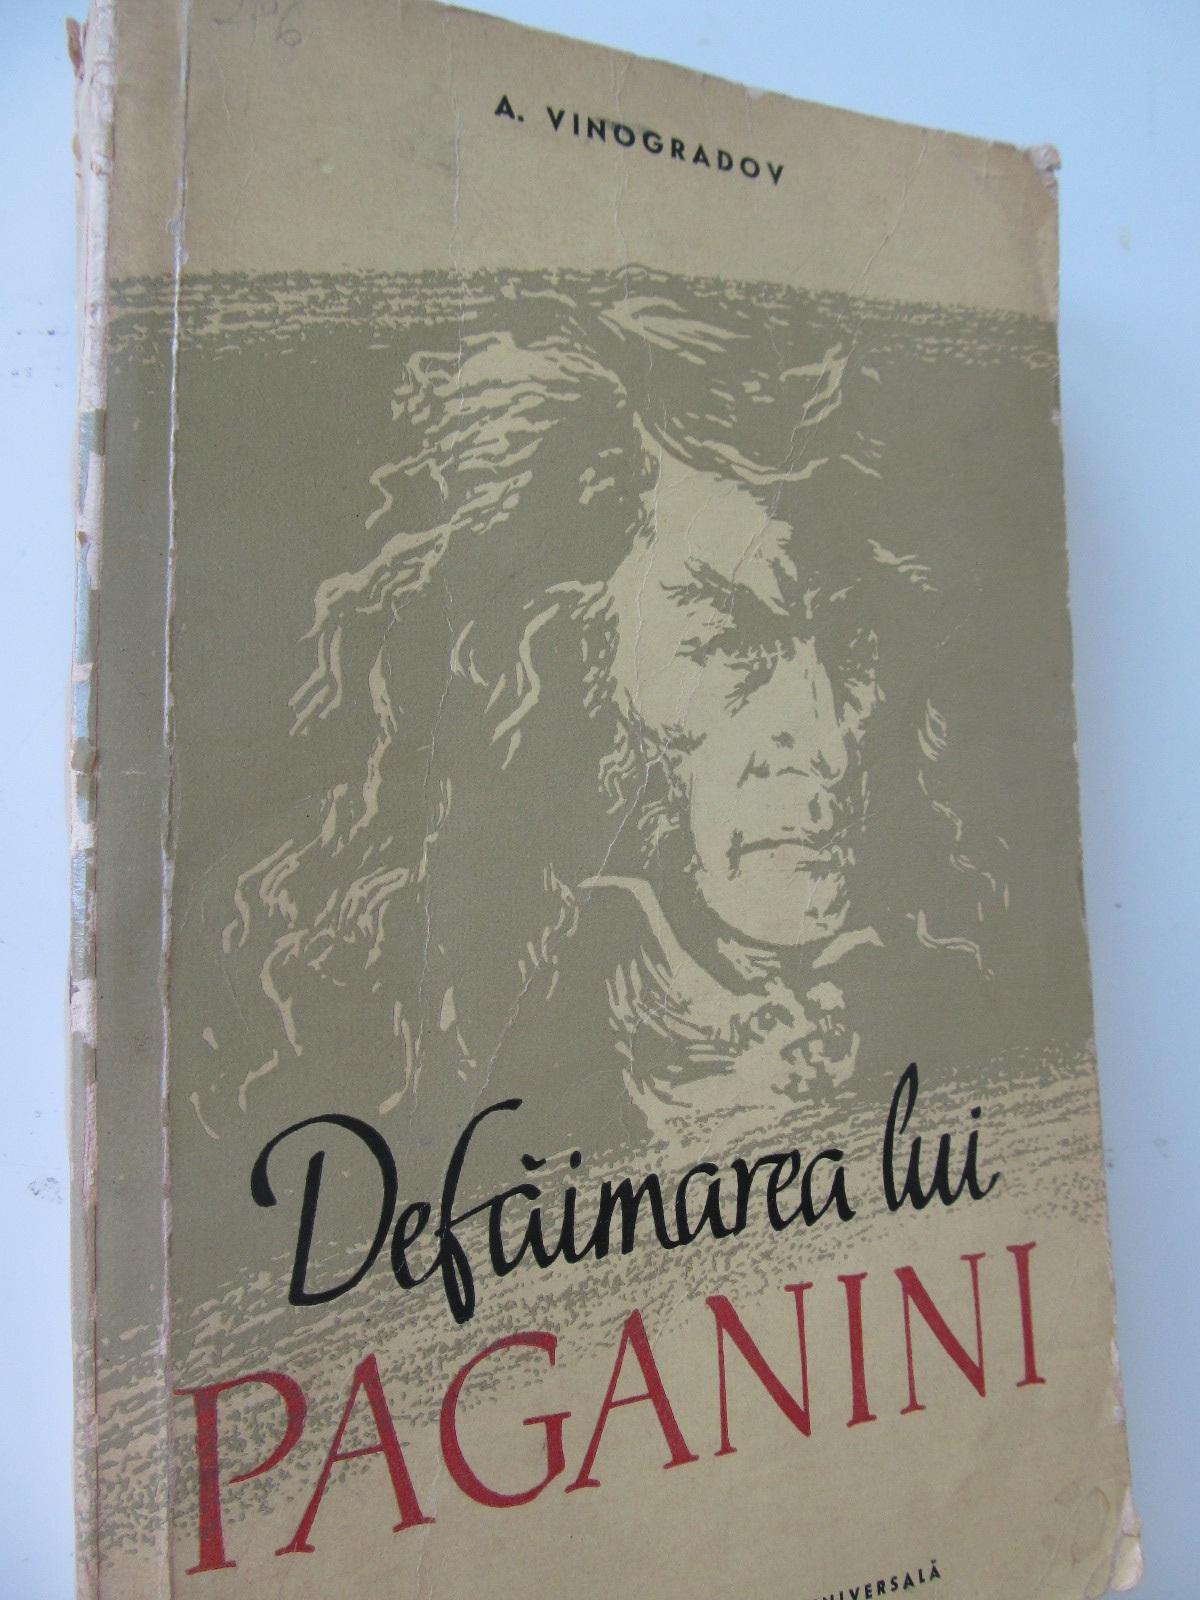 Defaimarea lui Paganini - A. Vinogradov | Detalii carte